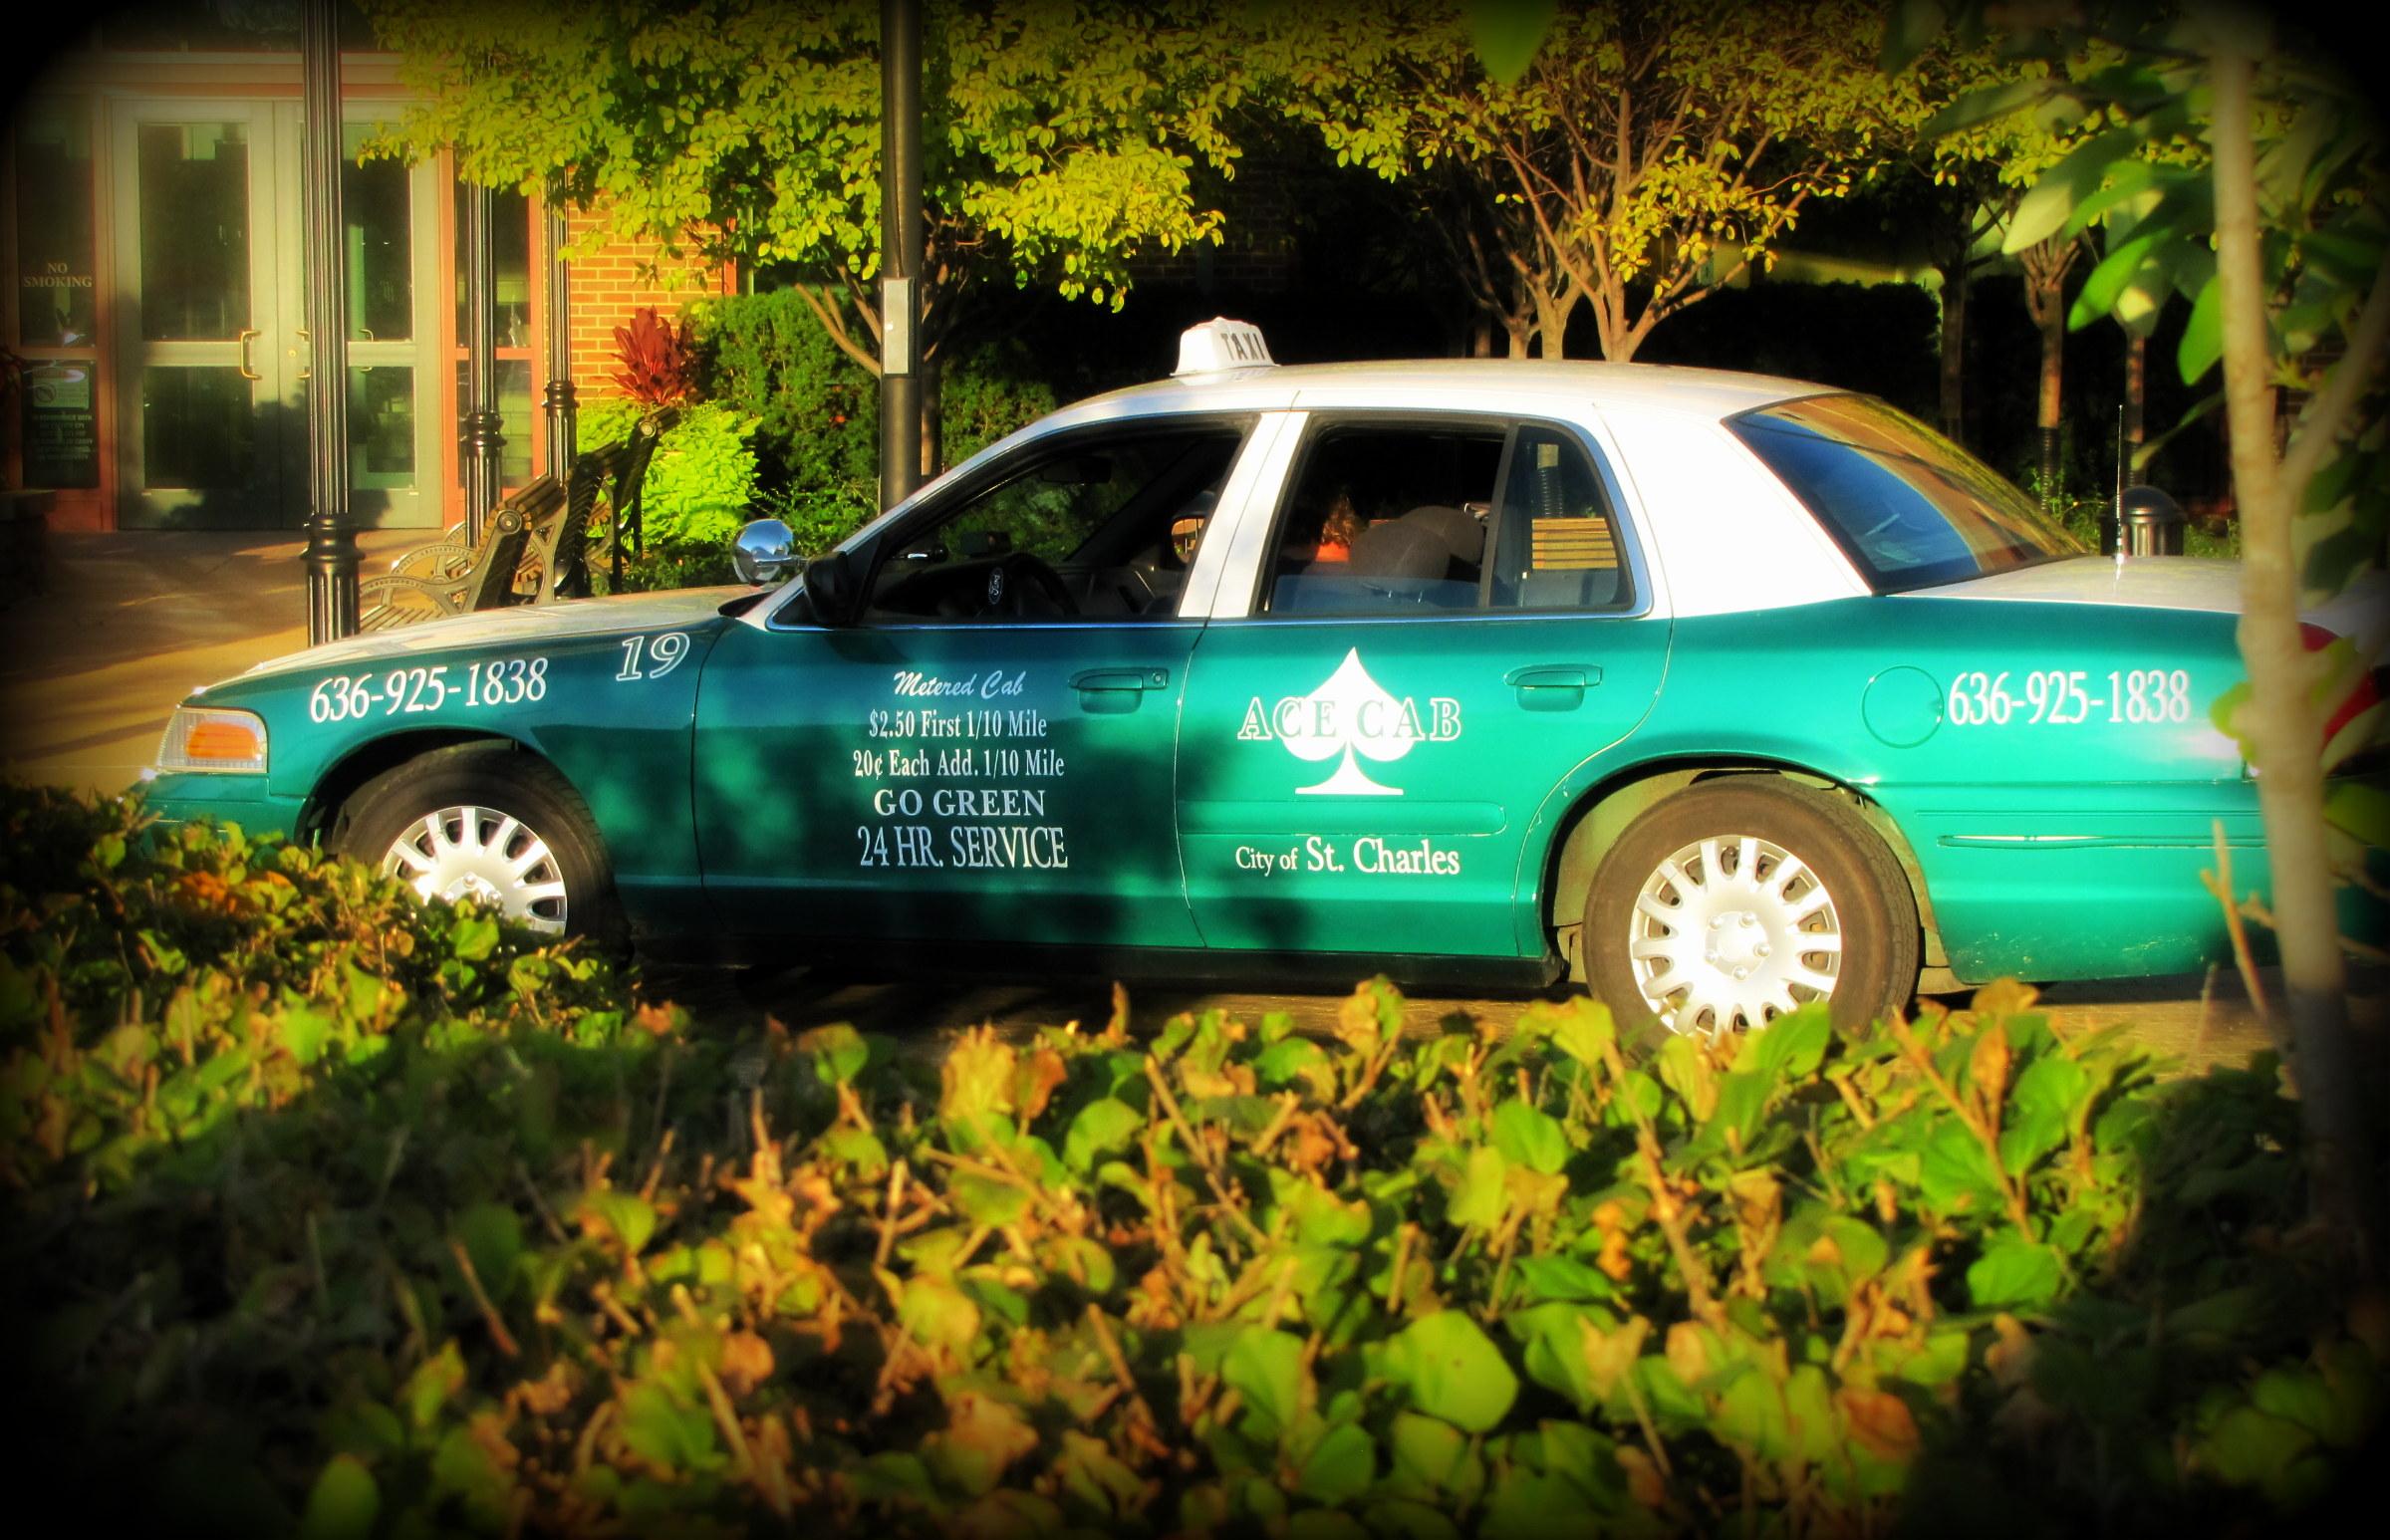 Ace Cab Online - Dispatch